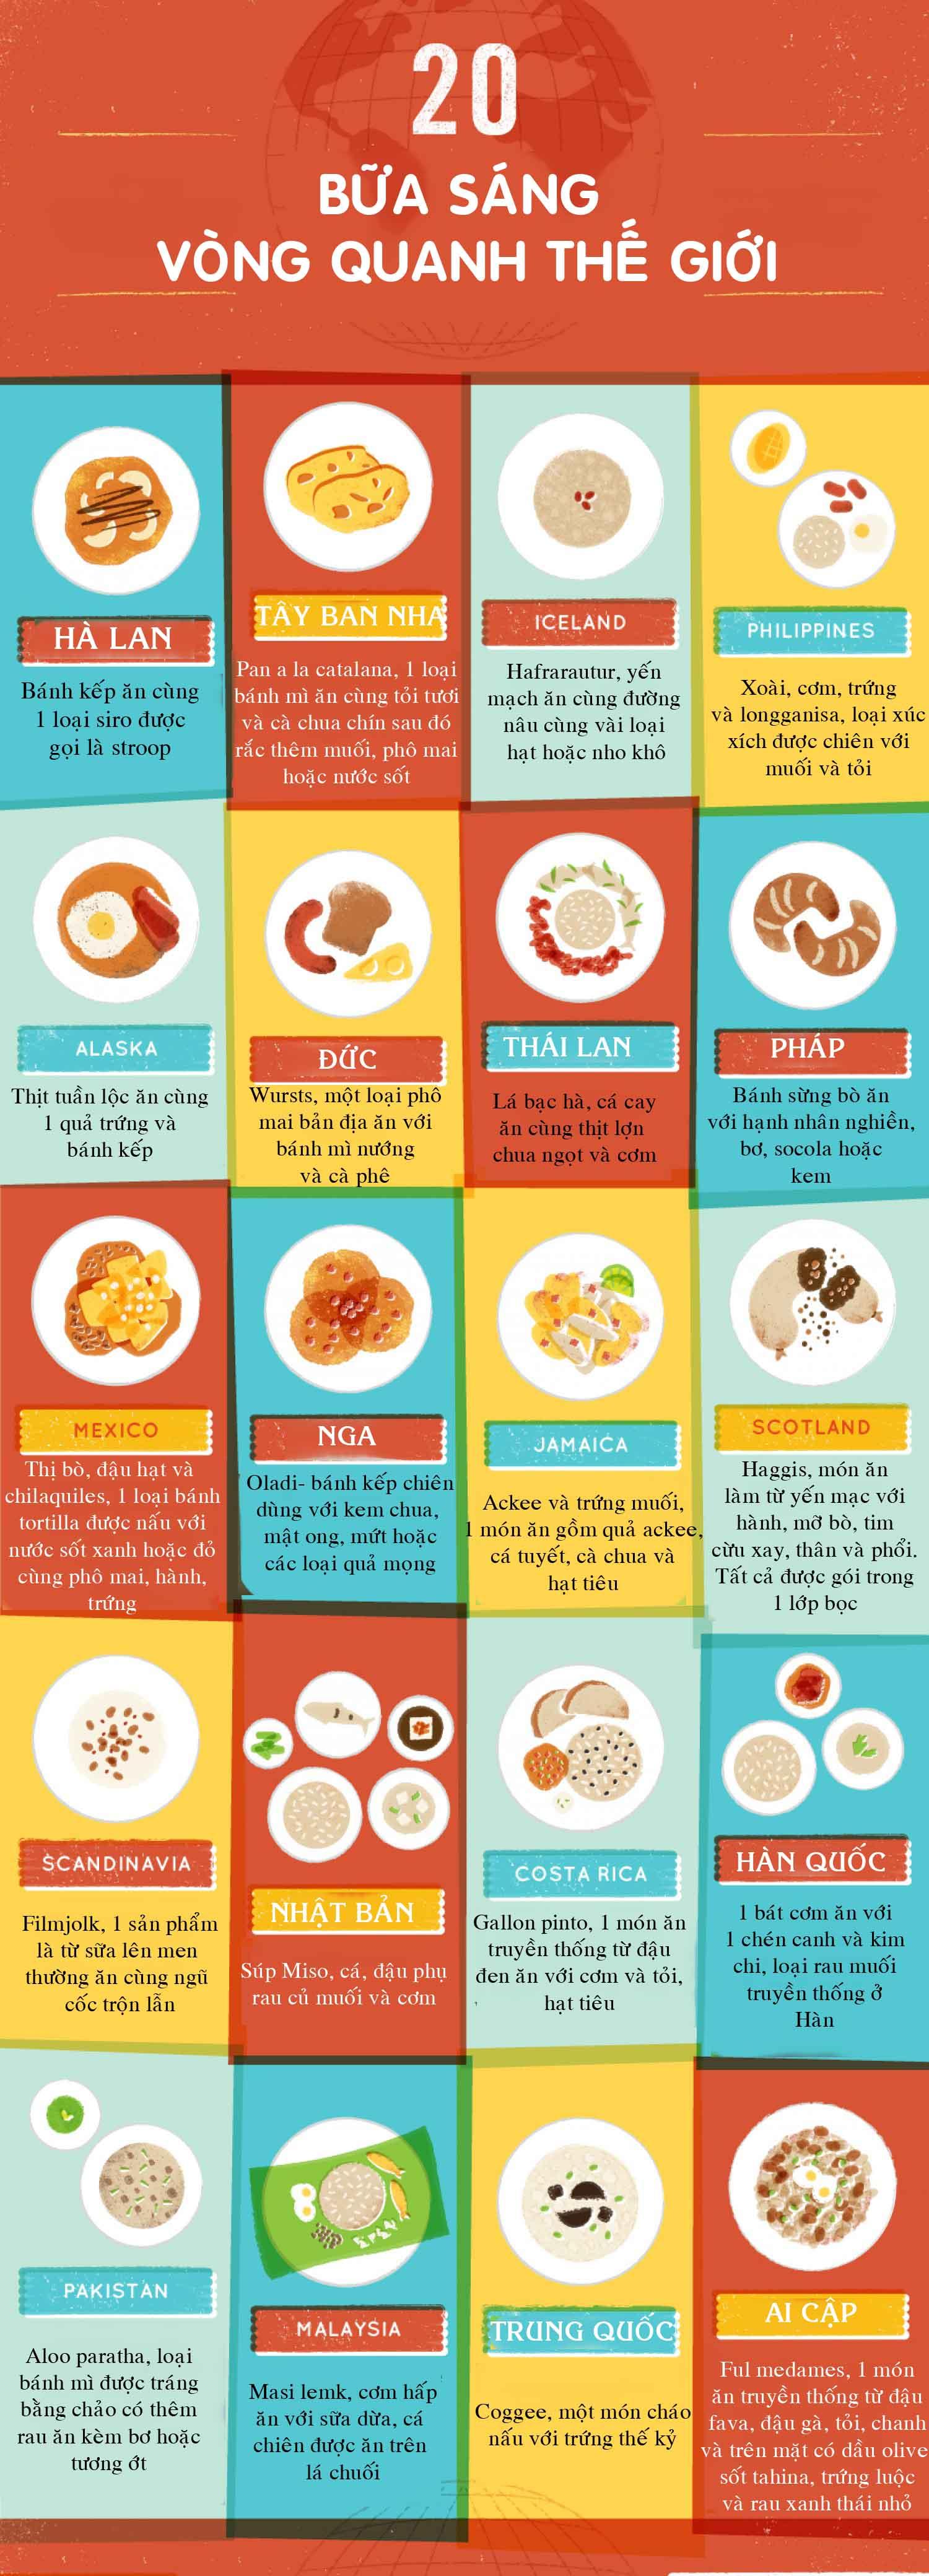 Các nước trên thế giới ăn gì vào bữa sáng? - 1